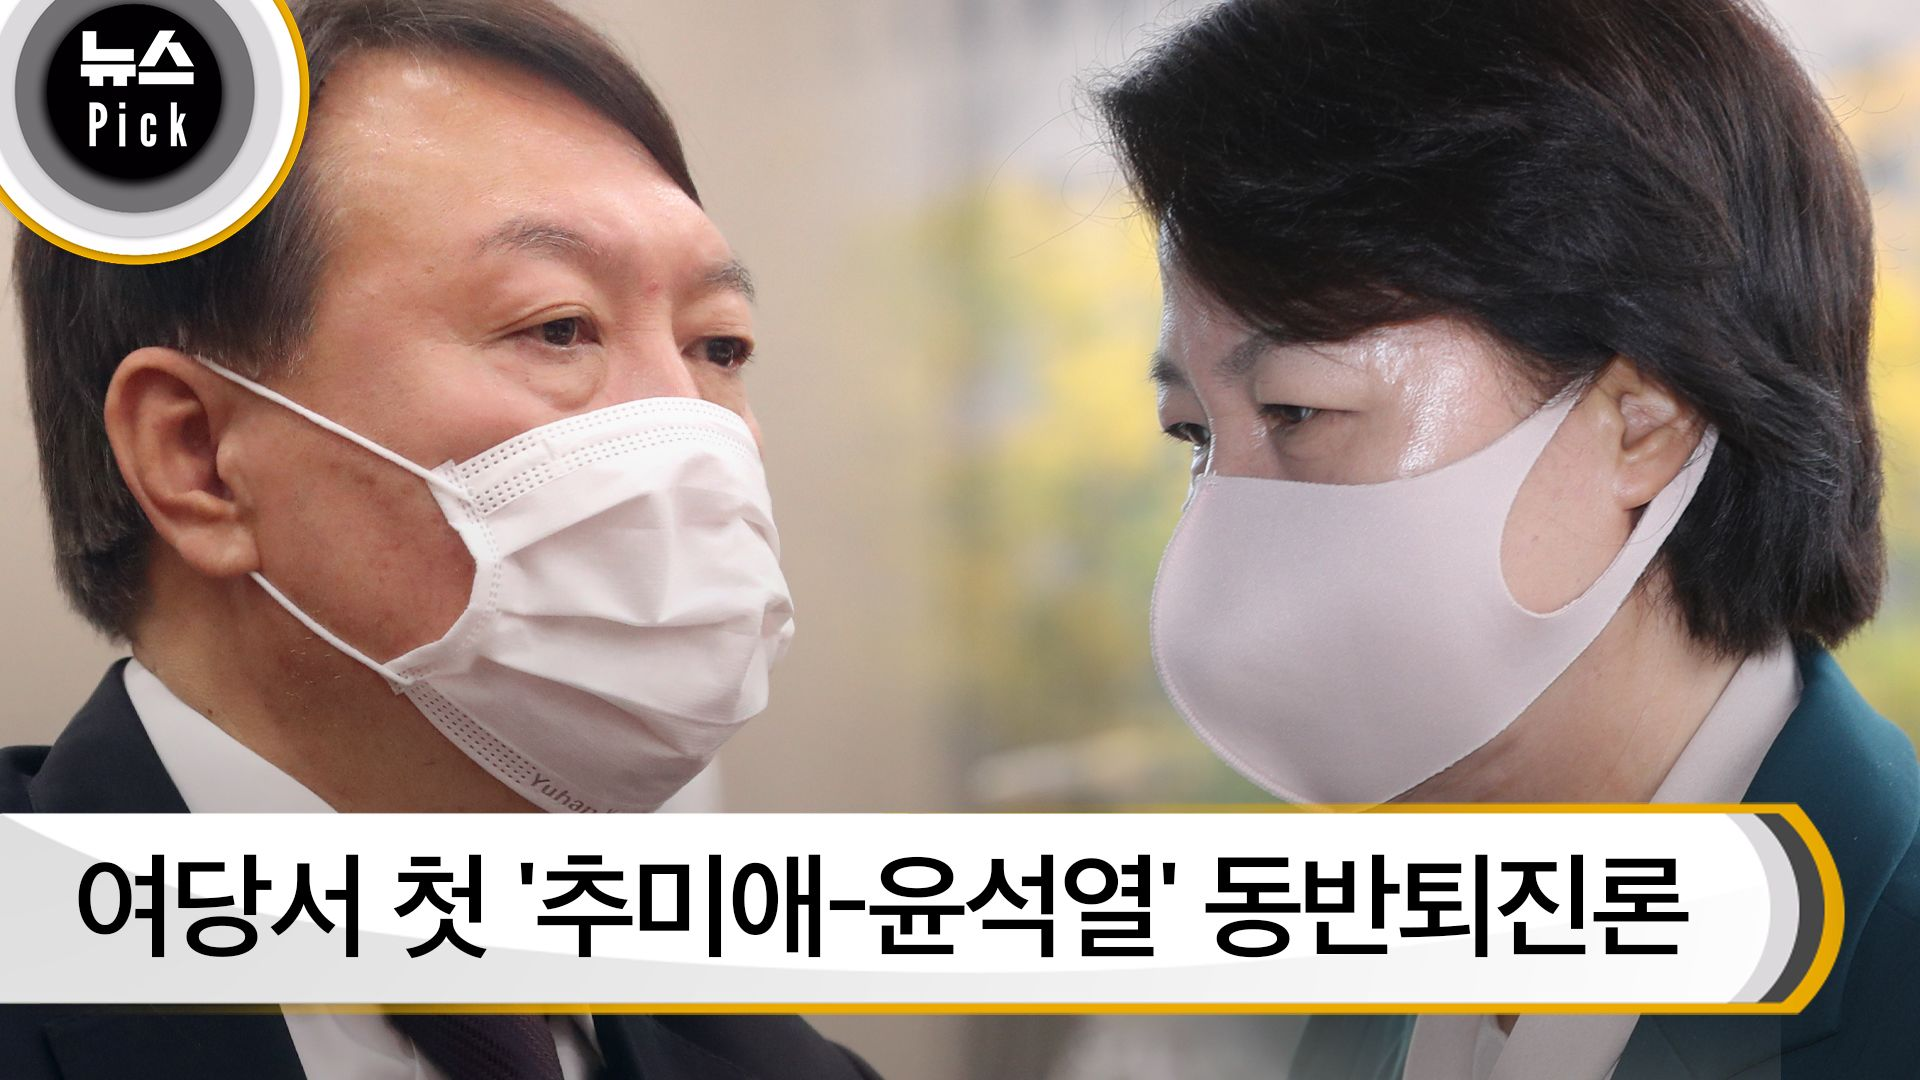 [뉴스픽]여당서 첫 '추미애-윤석열' 동반퇴진론